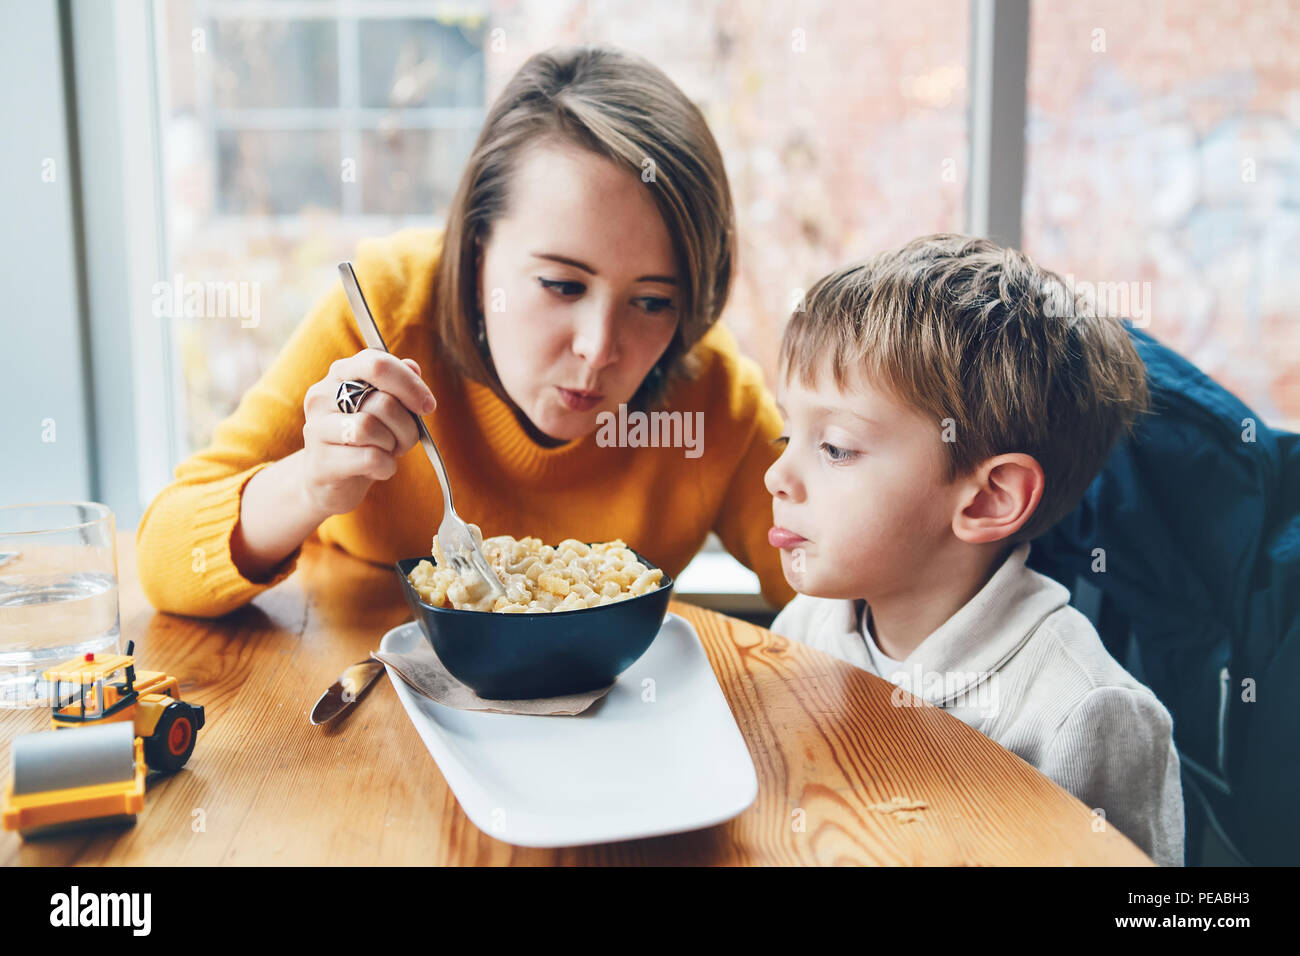 Portrait von weissen Kaukasischen glückliche Familie, Mutter und Sohn, im Restaurant Cafe sitzen am Tisch, Ernährung essen Pasta Spaghetti, authentischen Lebensstil Stockbild